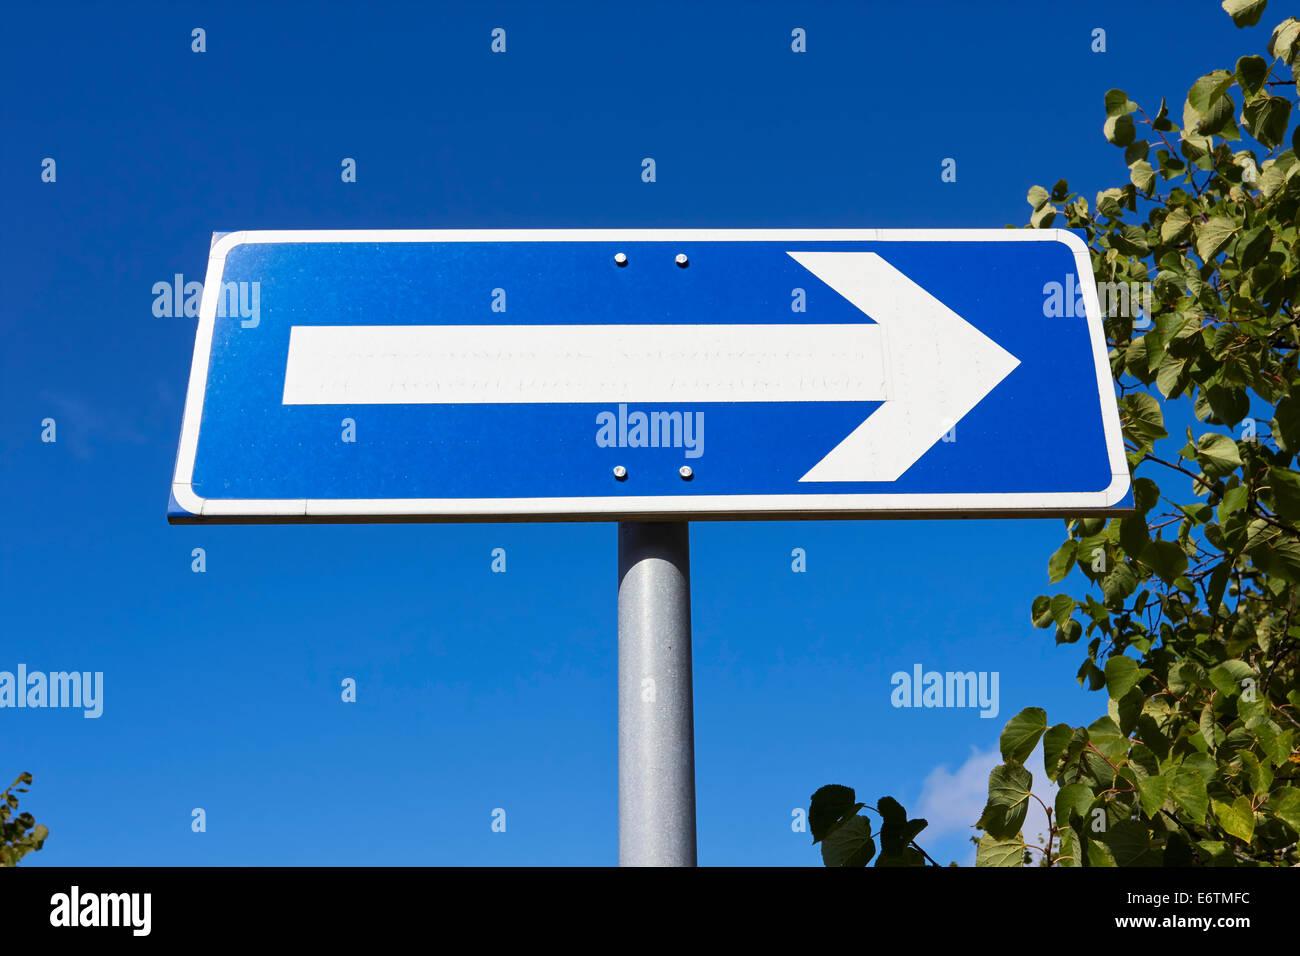 Señal de tráfico flecha orientada hacia la derecha contra el cielo azul Foto de stock